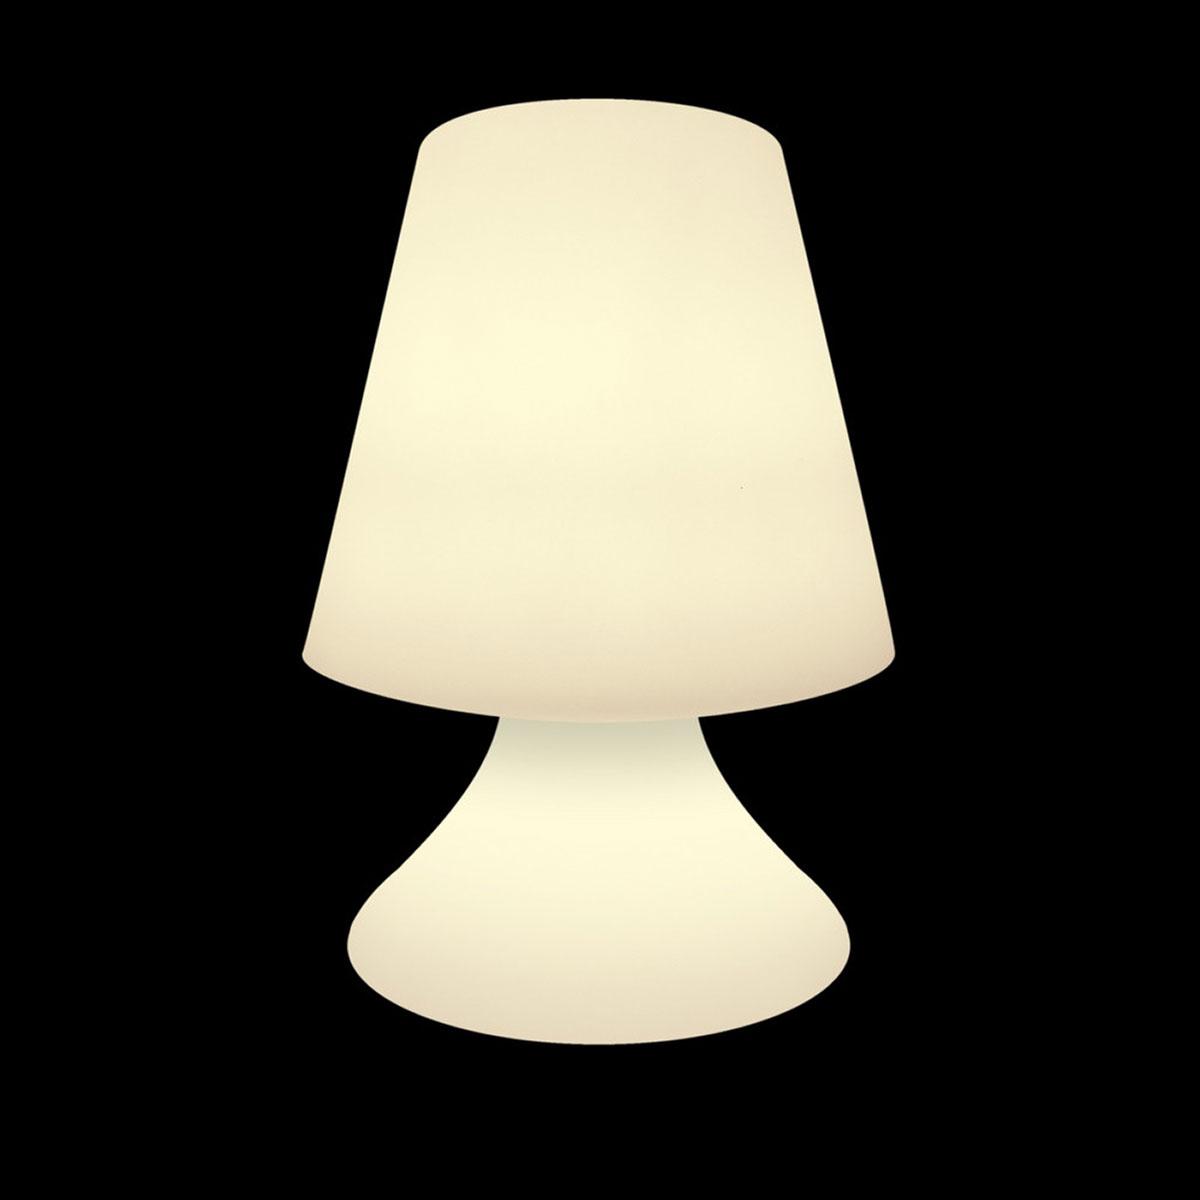 Petite lampe d'extérieur à leds - Blanc - 27.00 cm x 27.00 cm x 38.00 cm